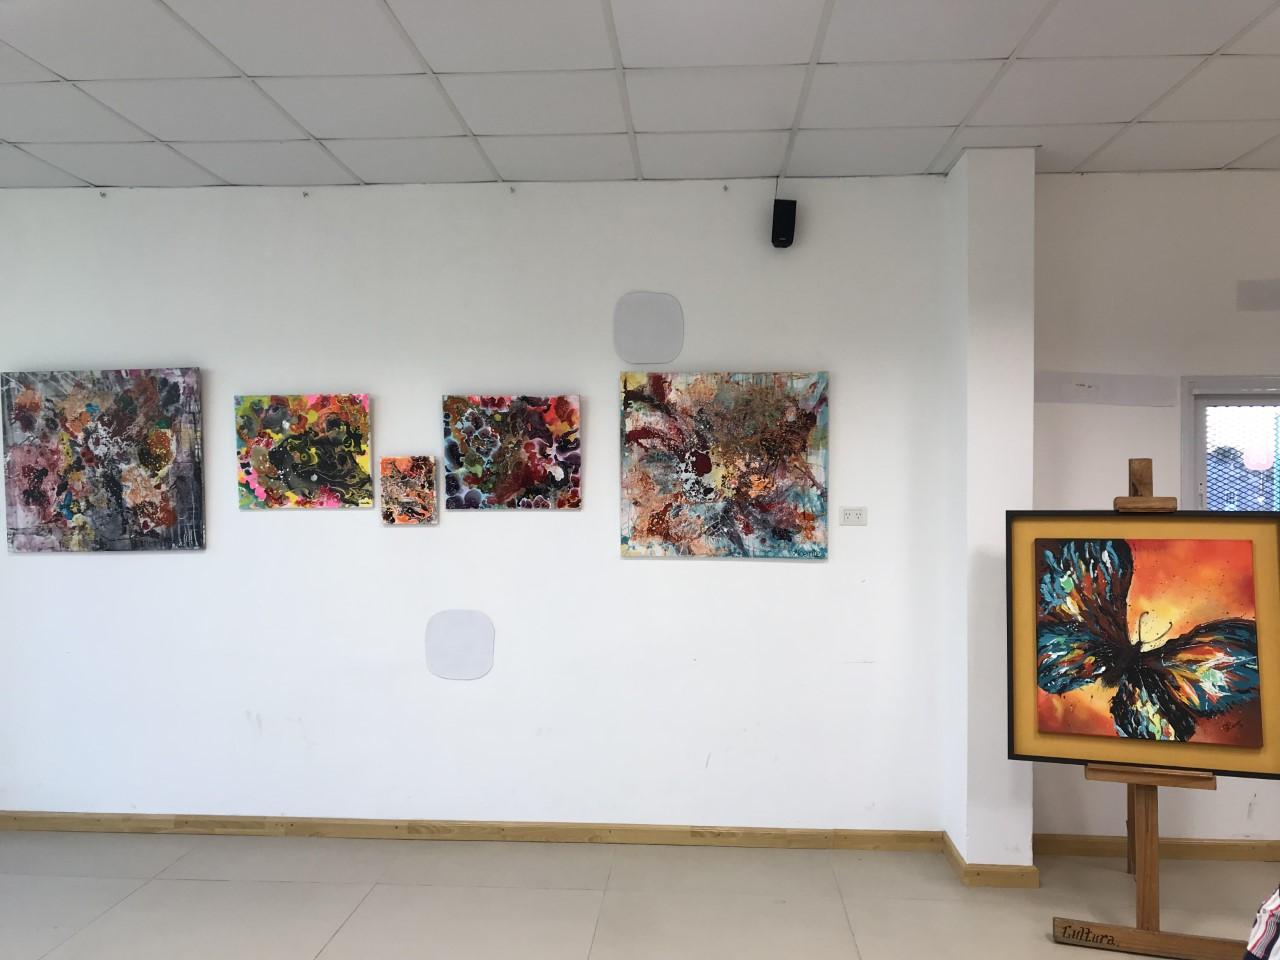 Este viernes 13 de septiembre se llevó a cabo la segunda muestra cultural en las instalaciones del Centro Cultural Papa Francisco ubicado en el barrio El Carmen de la ciudad de Berisso.